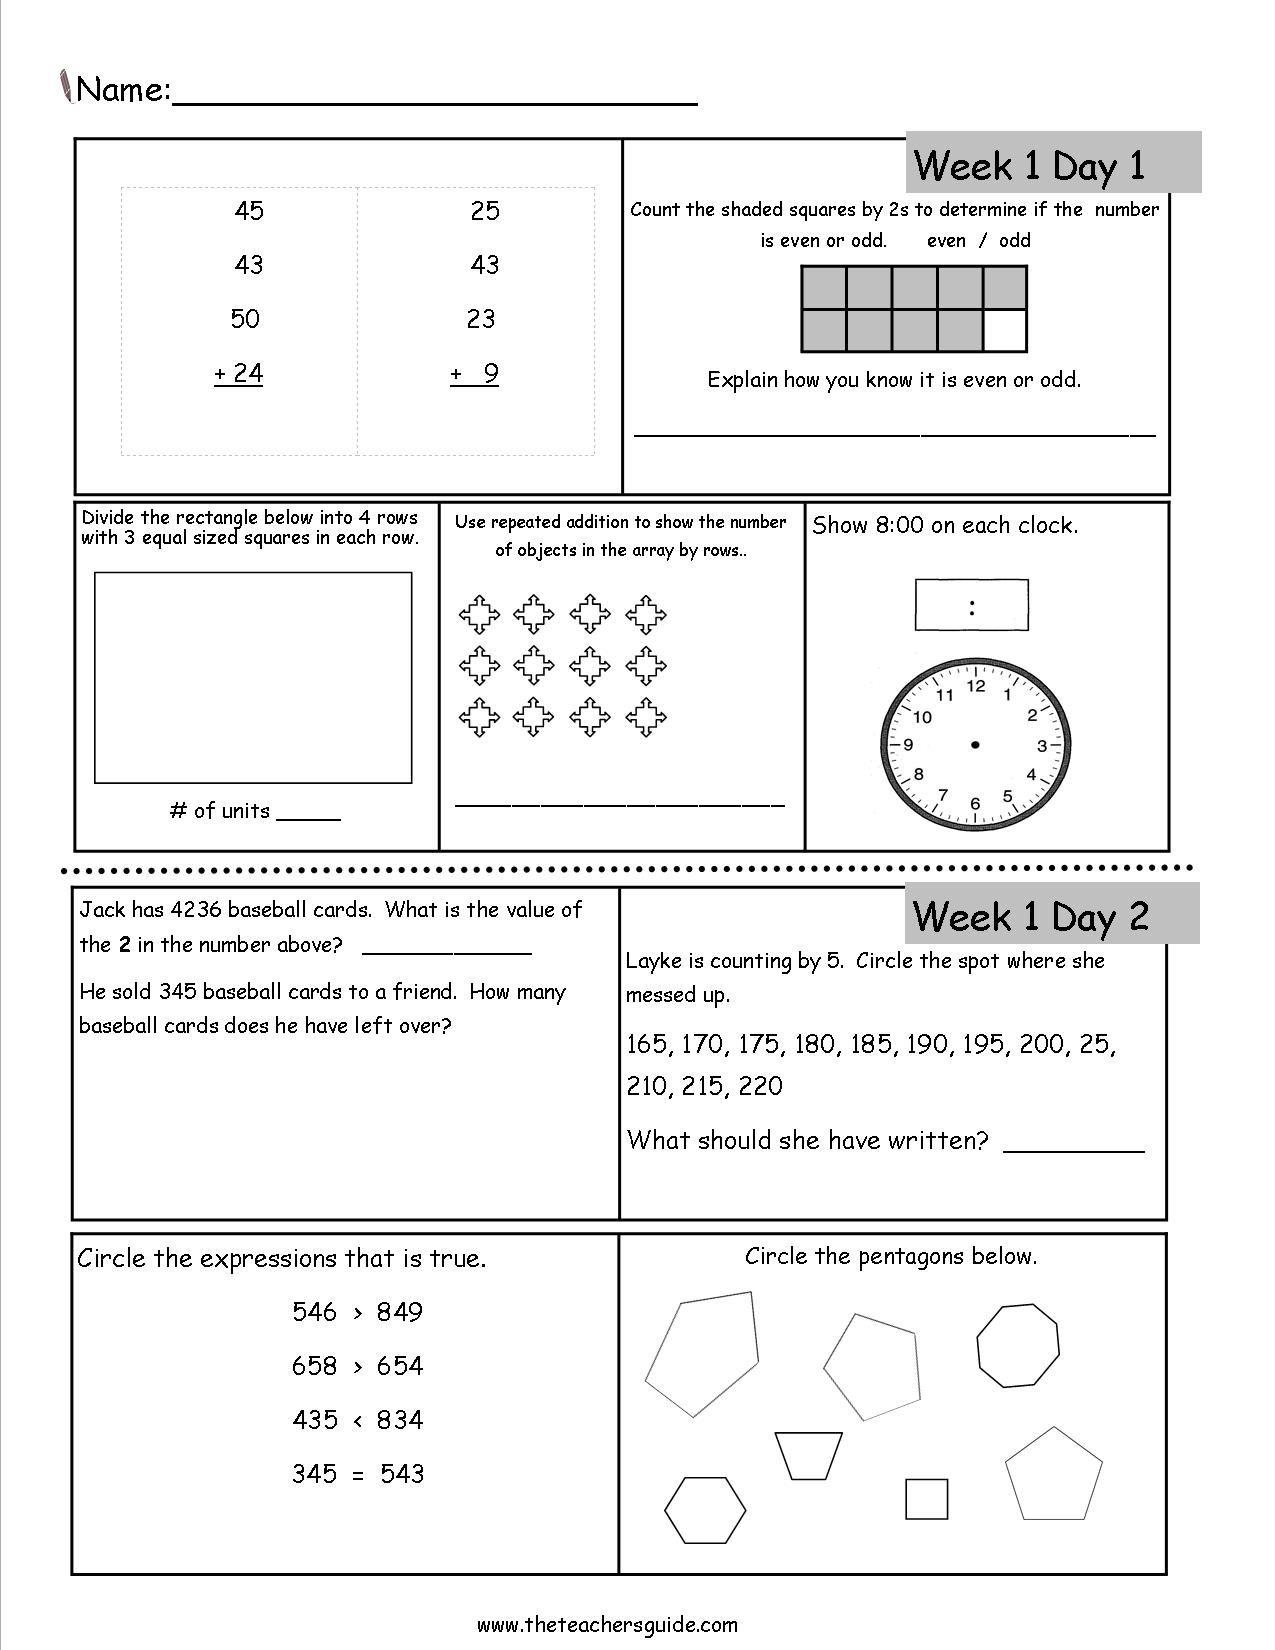 38 Clever 3rd Grade Math Worksheets Design Third Grade Math Worksheets Daily Math Free Printable Math Worksheets